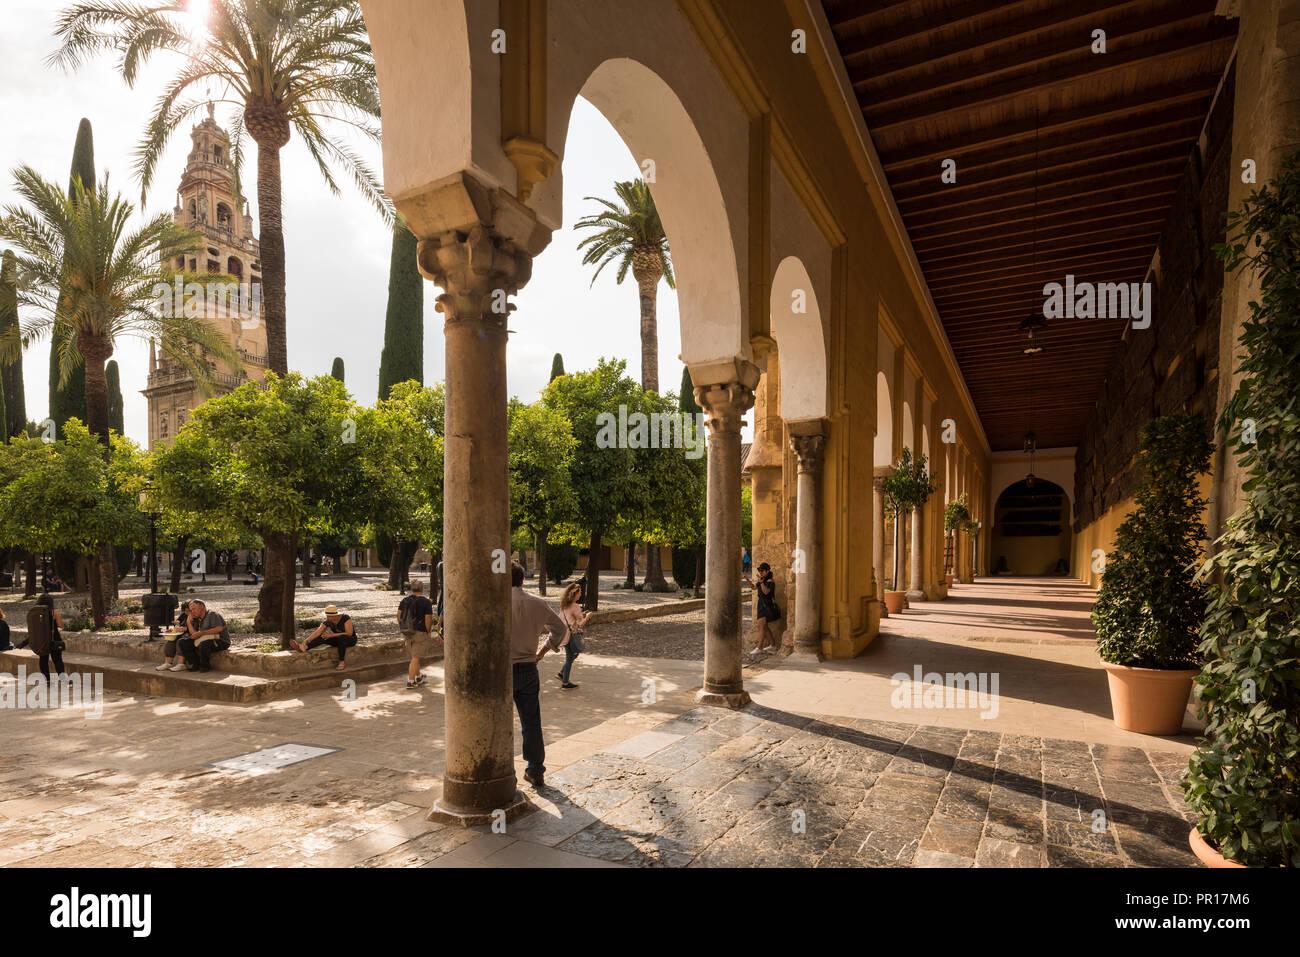 La Grande Mosquée (Cathédrale de Notre-Dame de l'Assomption) (Mezquita de Cordoue), UNESCO World Heritage Site, Cordoue, Andalousie, Espagne, Europe Photo Stock